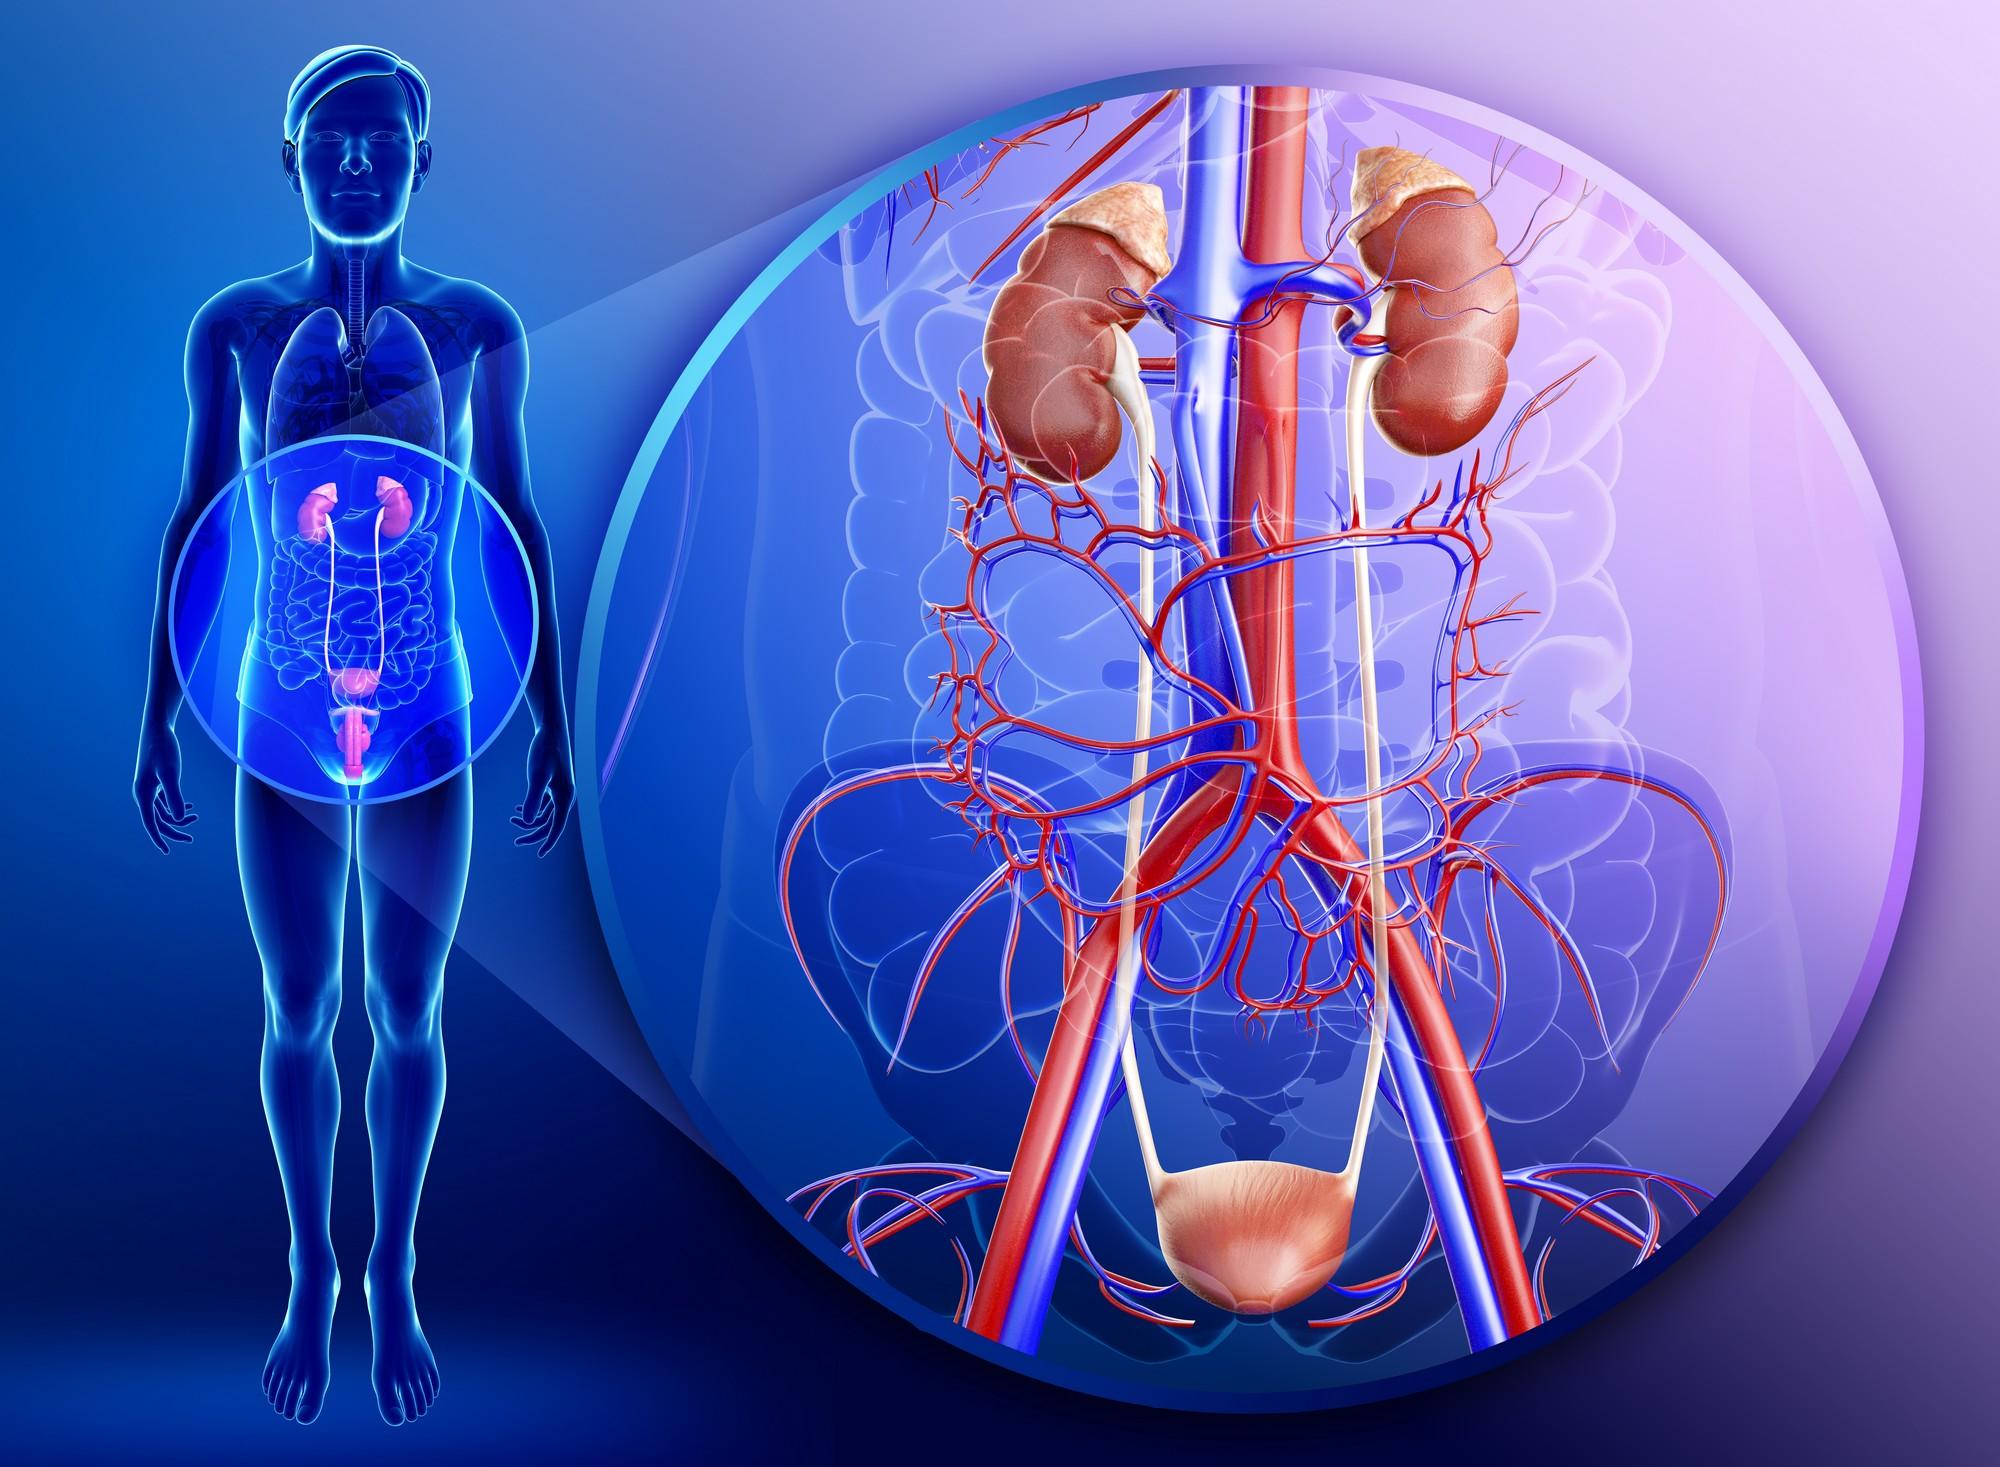 Хвороби статевих органів у чоловіків